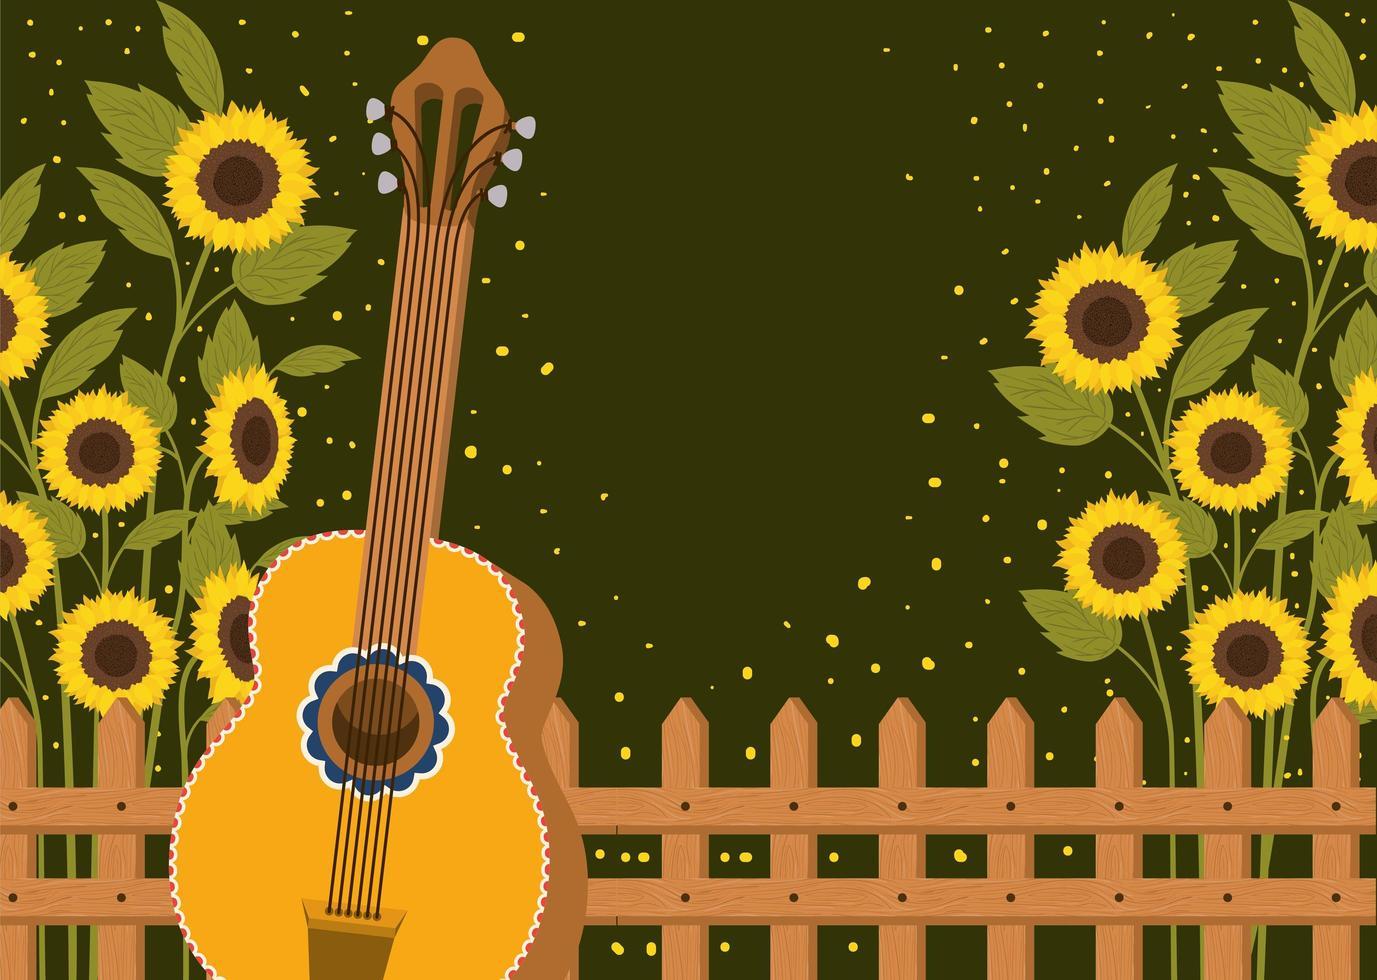 prachtige zonnebloem tuin met schutting en gitaar vector